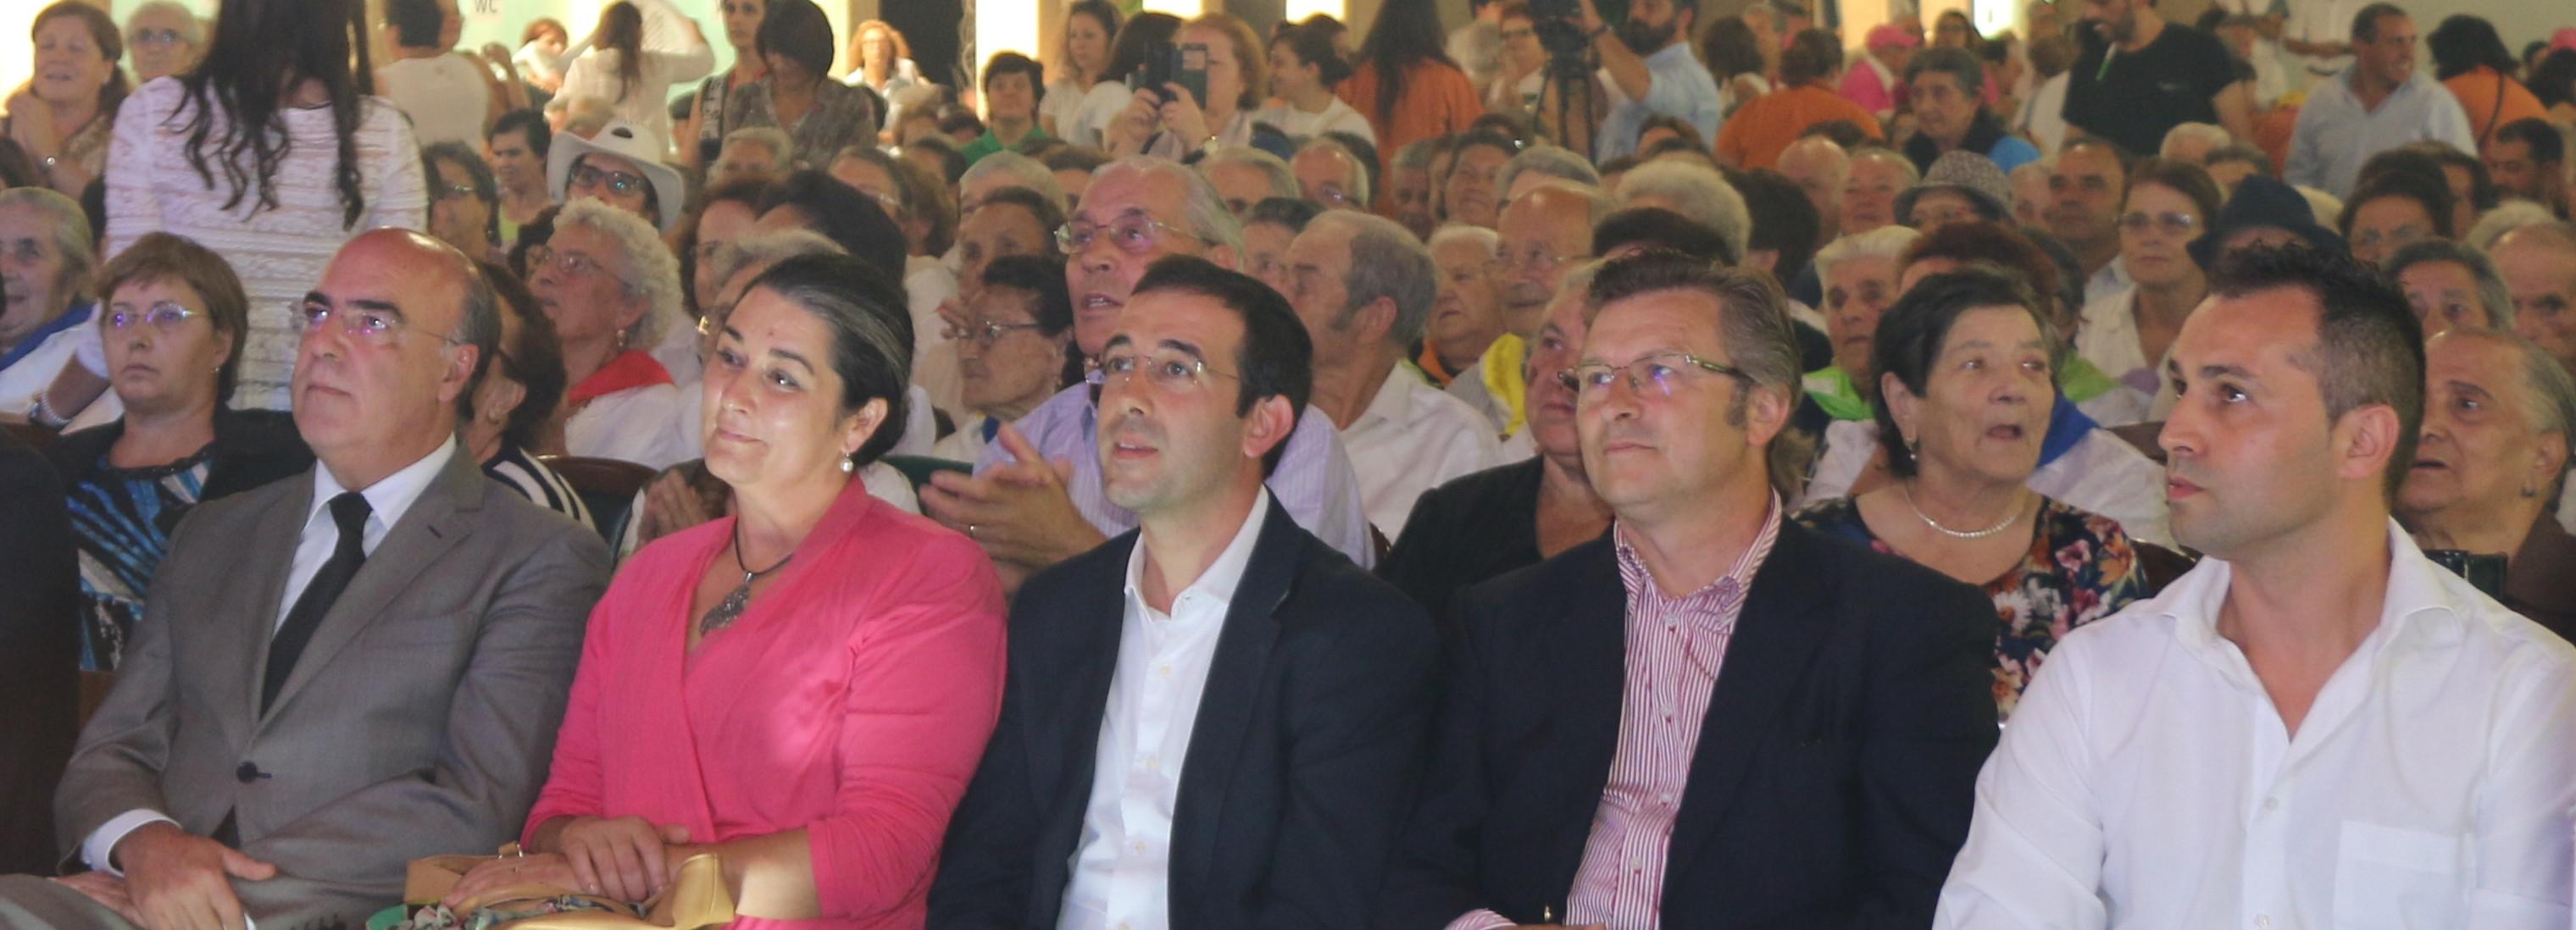 Dia Internacional do Idoso em Barcelos reuniu cerca de 1200 seniores